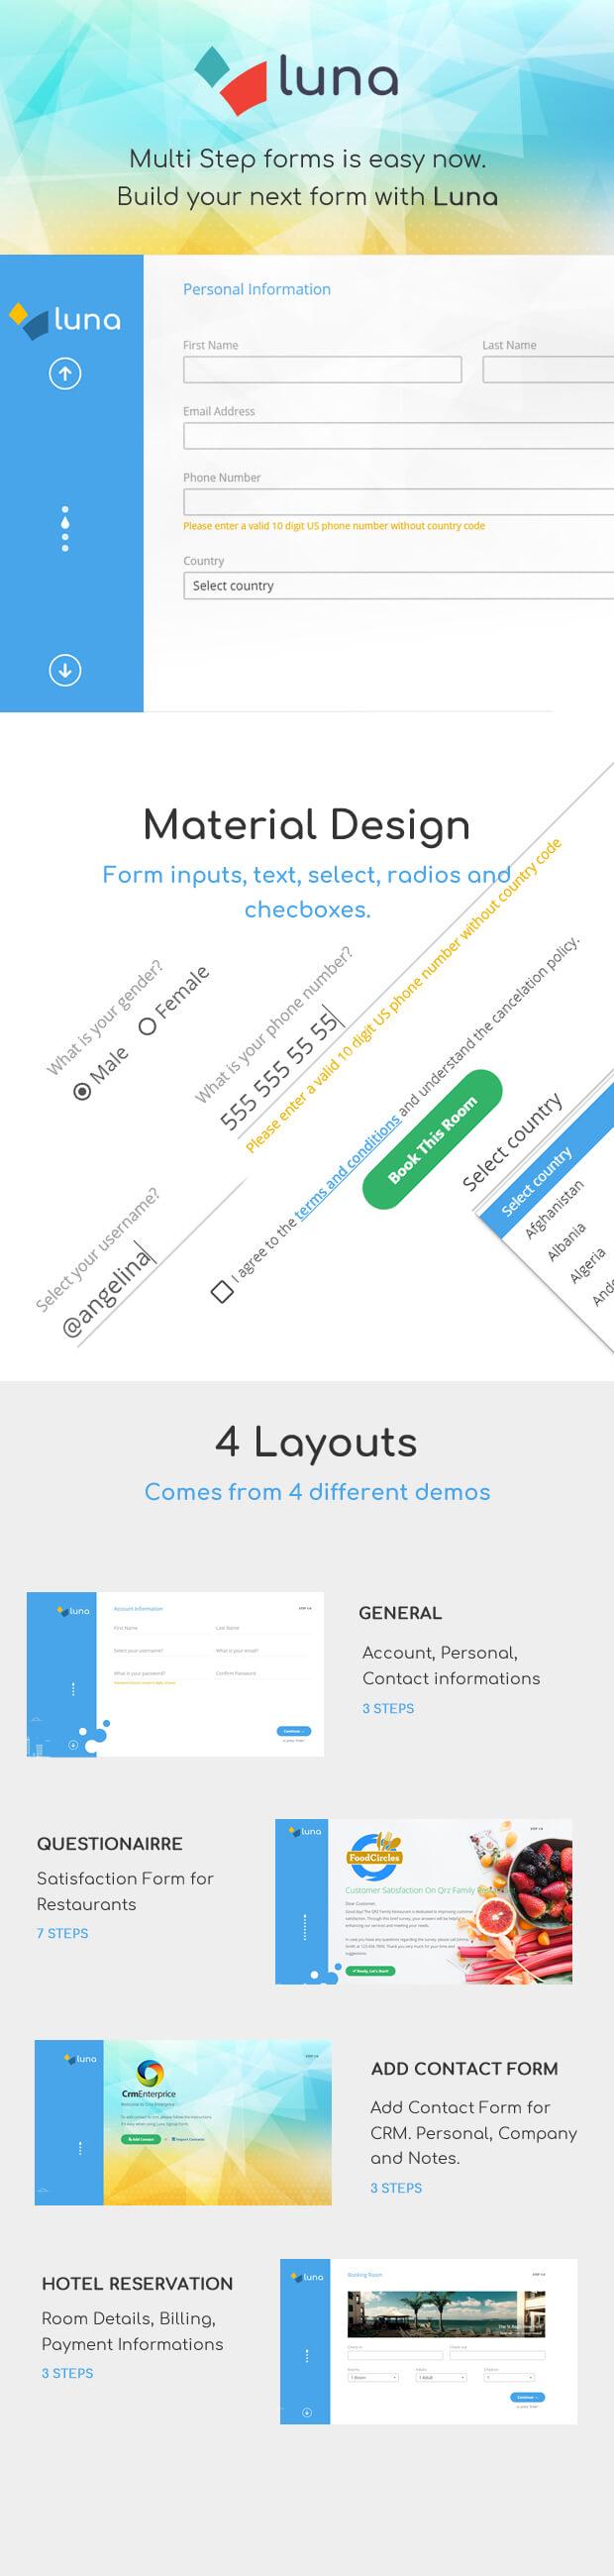 Luna Multi Step Form. E-commerce, Questionnaire, Reservation, Service - 1